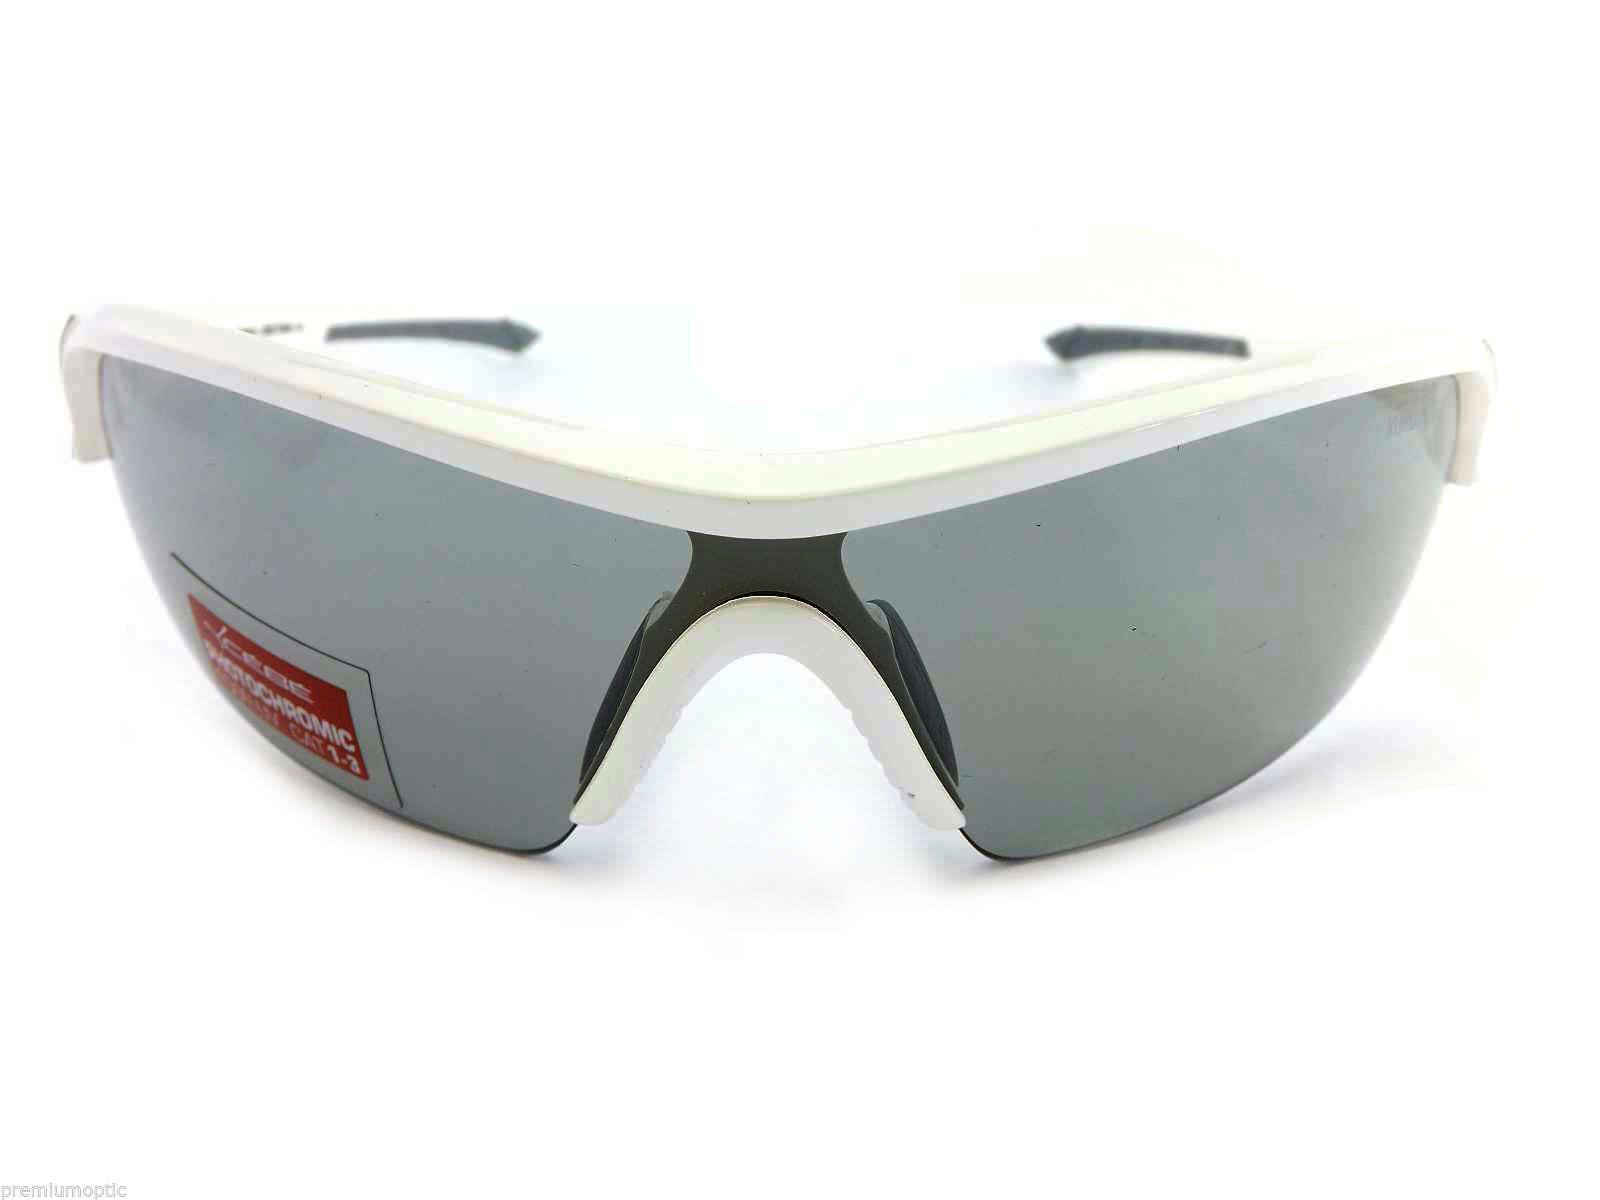 Cebe Eyemax Güneş Gözlük (Shield) Parlak Beyaz Frame Lensvar Cbeyem3